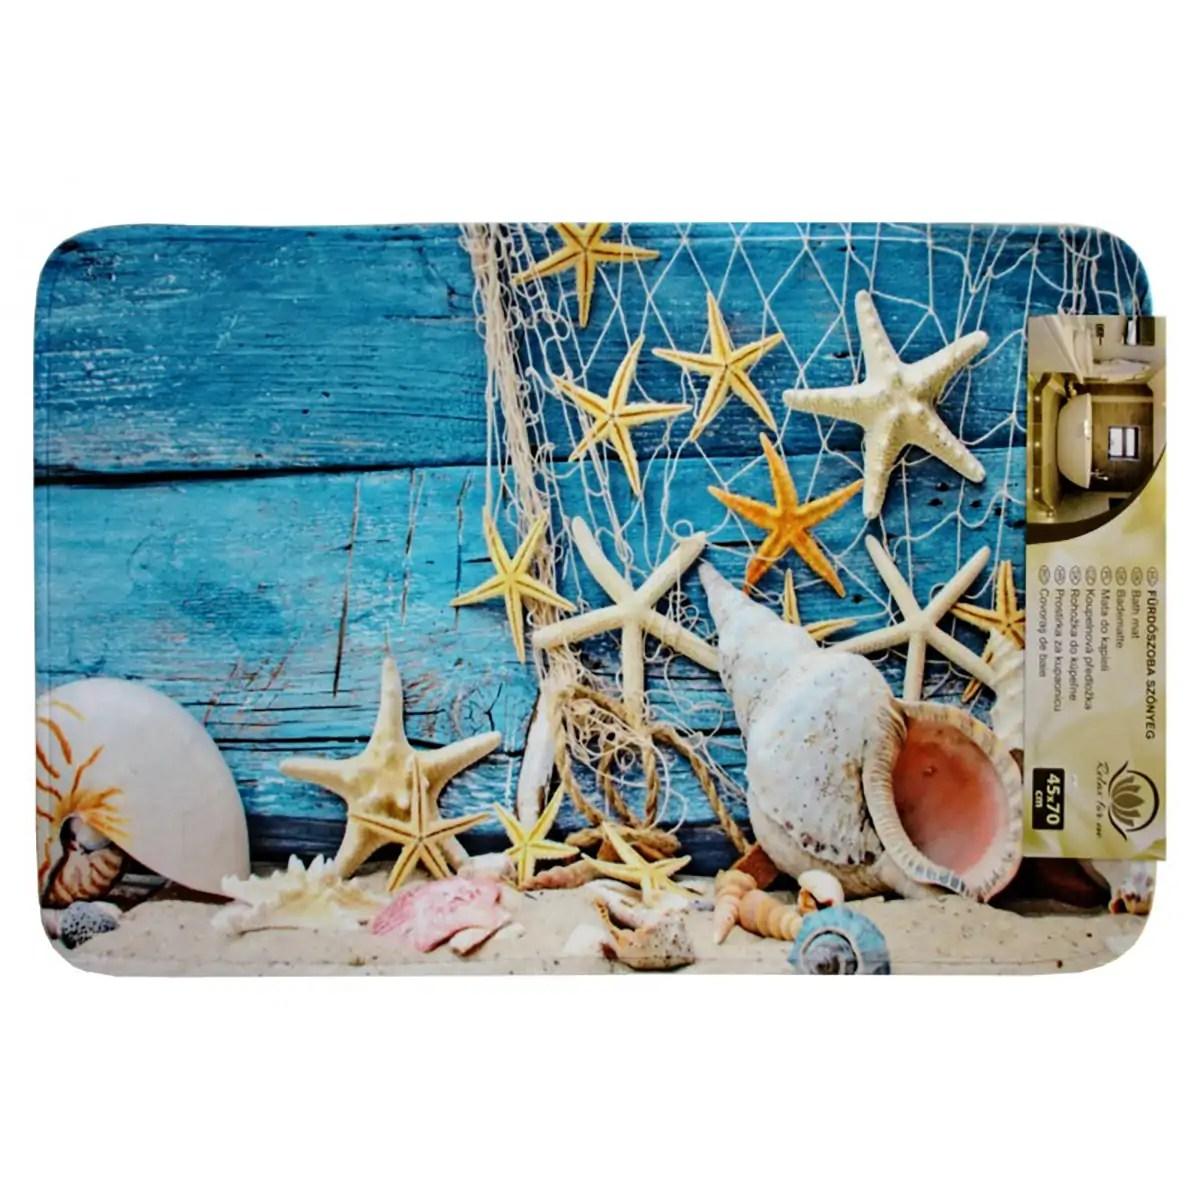 Kádkilépő kagylós Lábtörlő, szőnyeg